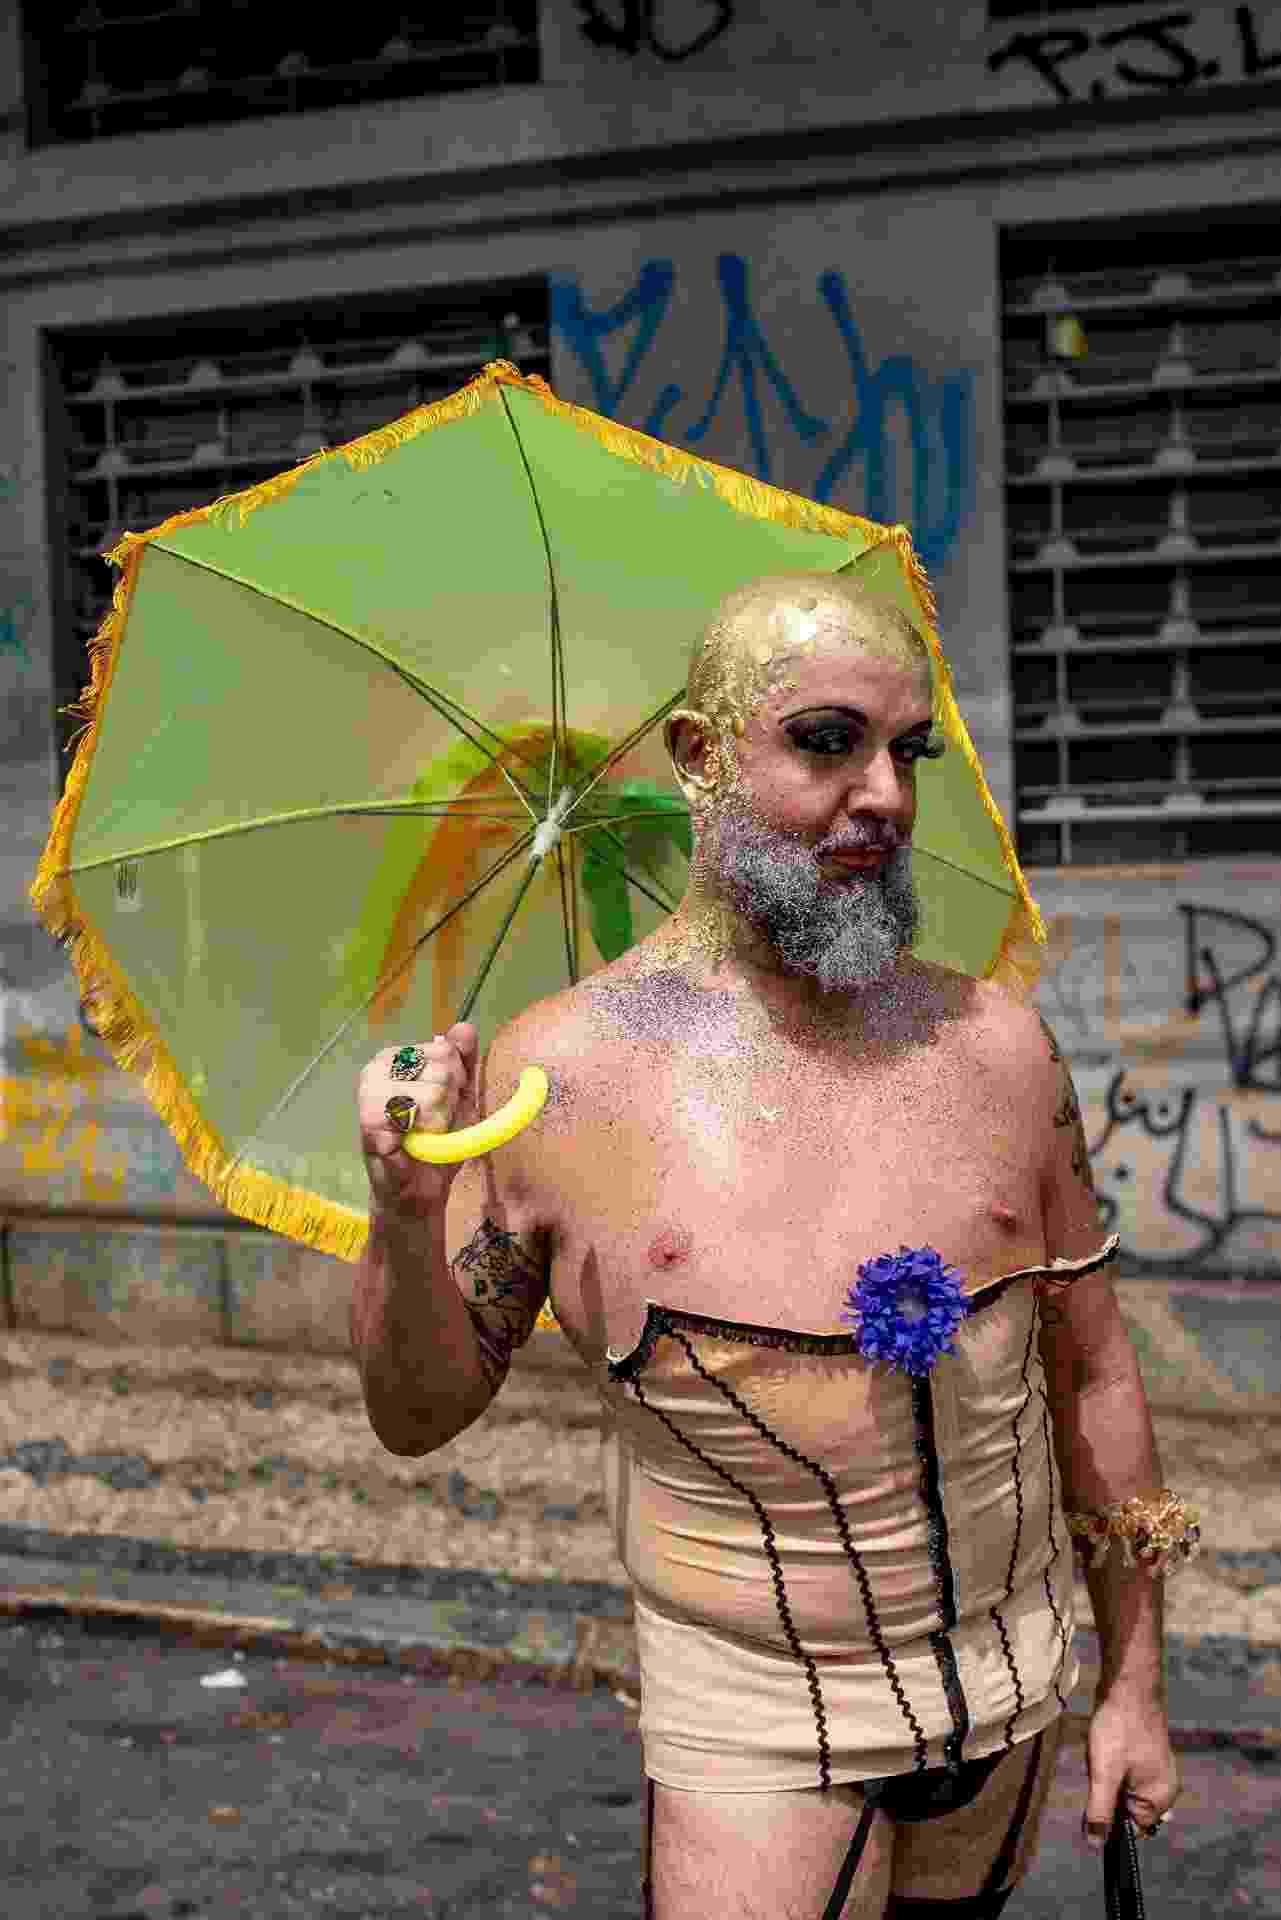 A Corte Devassa, um dos blocos mais tradicionais de Belo Horizonte, arrastou uma multidão de foliões no bairro Floresta nesta segunda (4) - Nereu Jr/UOL